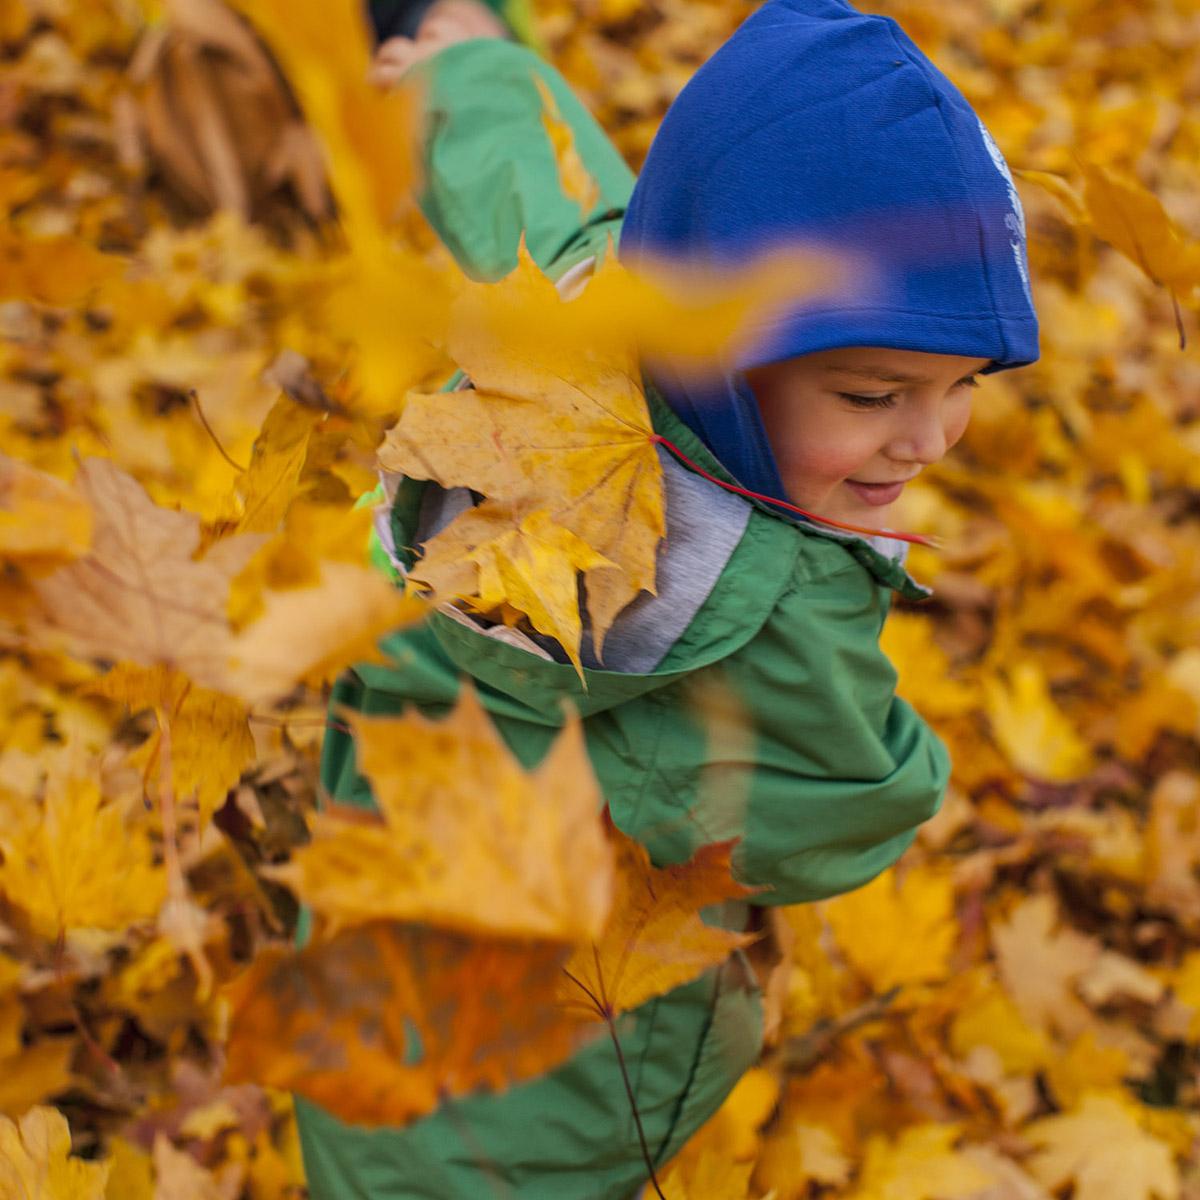 Октябрь. Осень. Золотые листья.